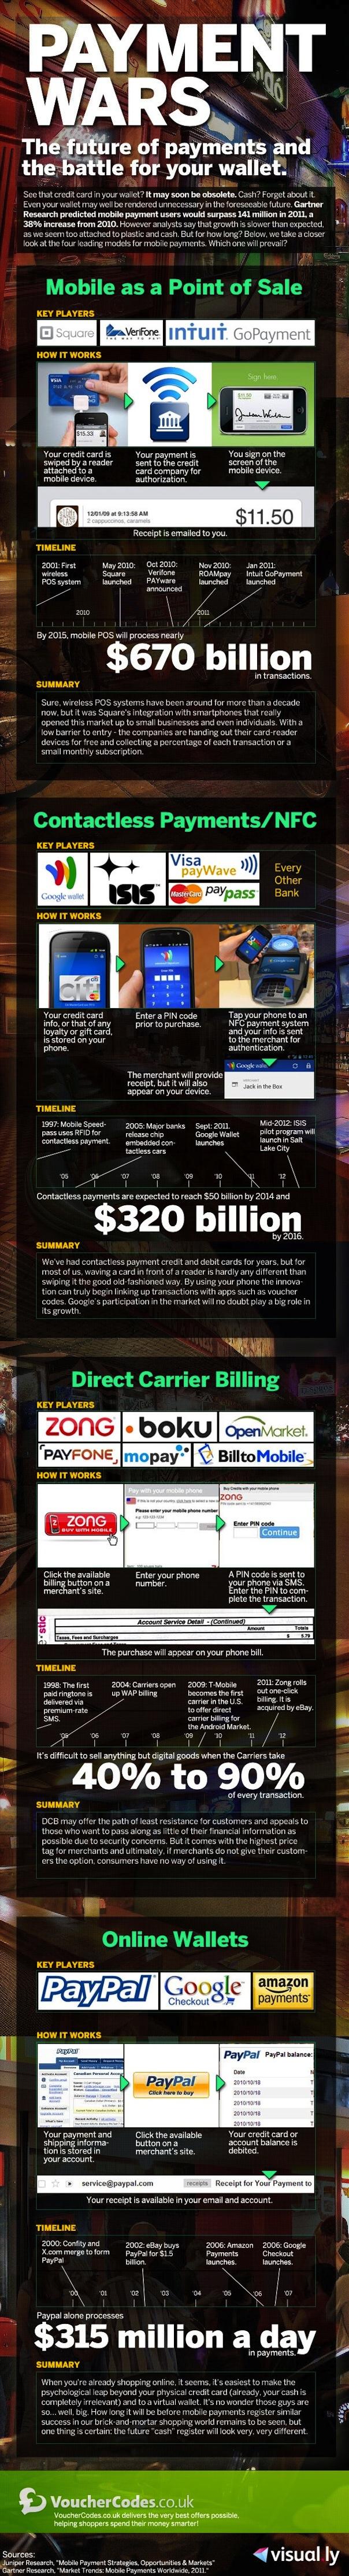 La guerre des paiements mobile